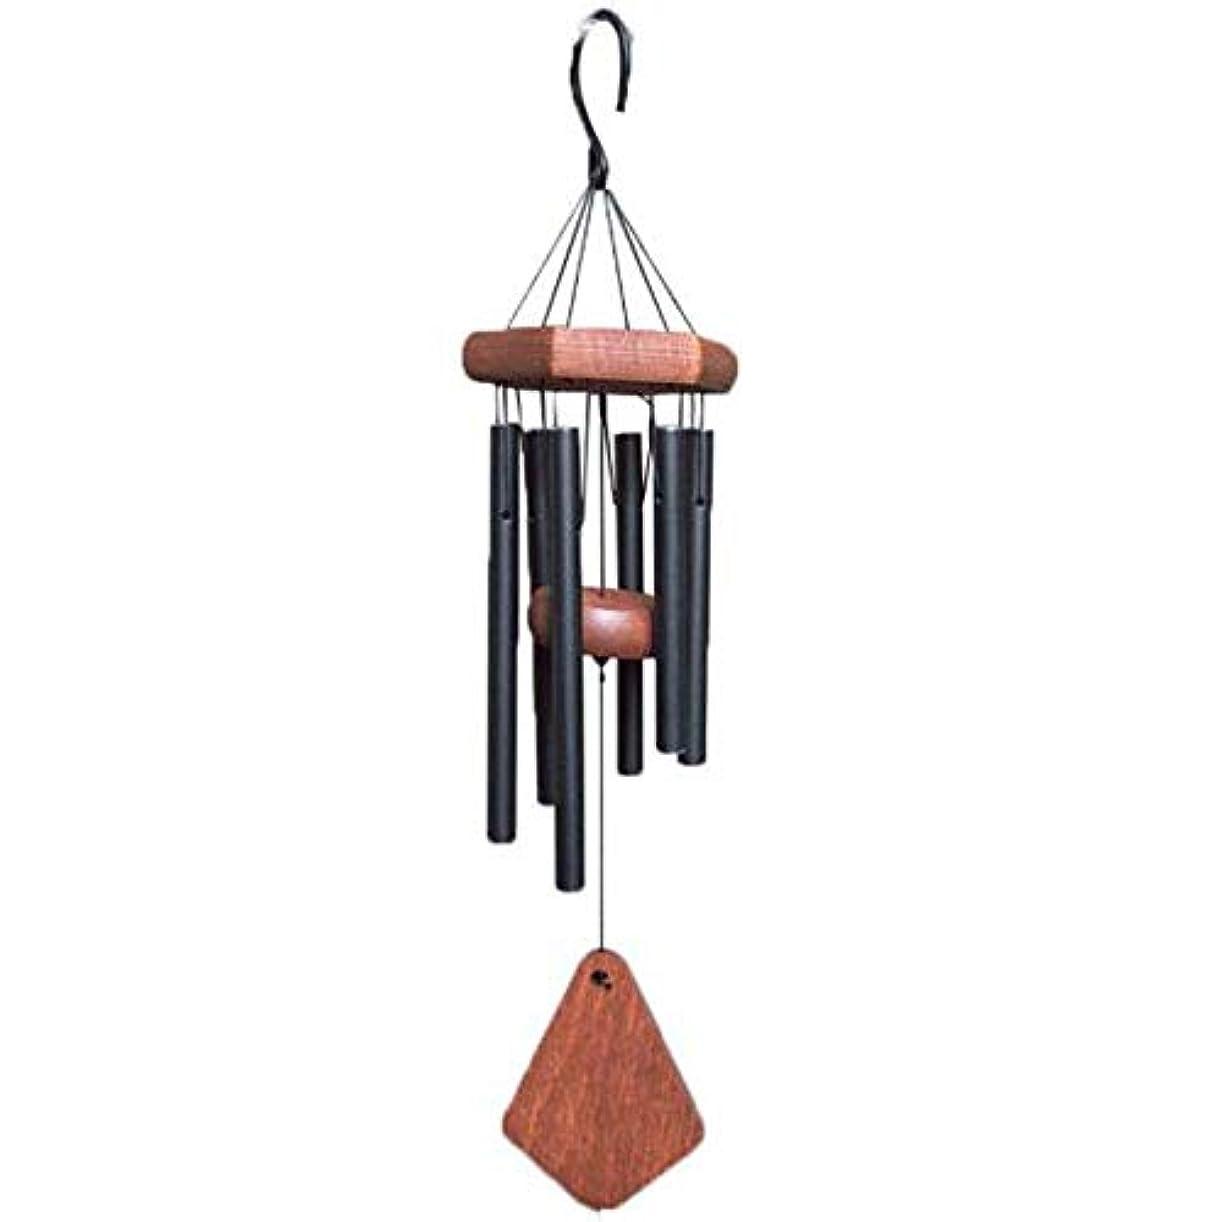 マーベル鎖叙情的なAishanghuayi 風チャイム、メタル6チューブ風の鐘、ブラック、全身について52CM,ファッションオーナメント (Color : Black)